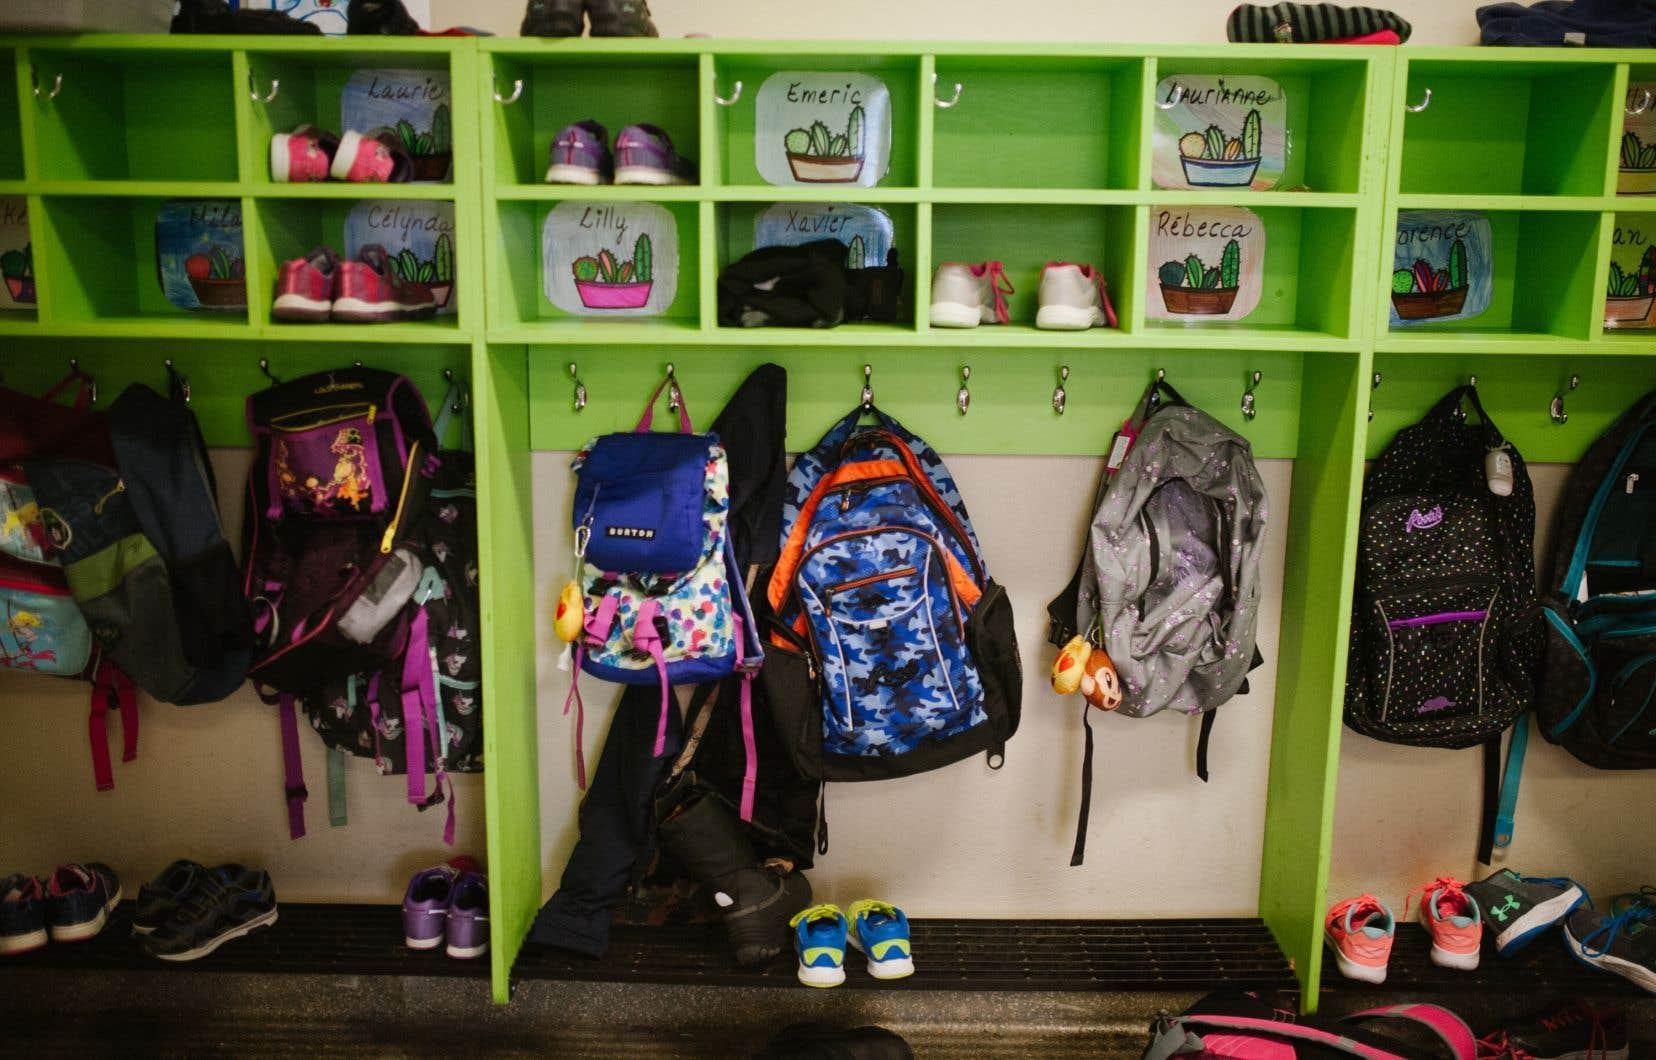 «Les gens vont se rendre compte assez vite de la lourdeur actuelle dans la gestion des écoles primaires et secondaires», écrit l'auteur.